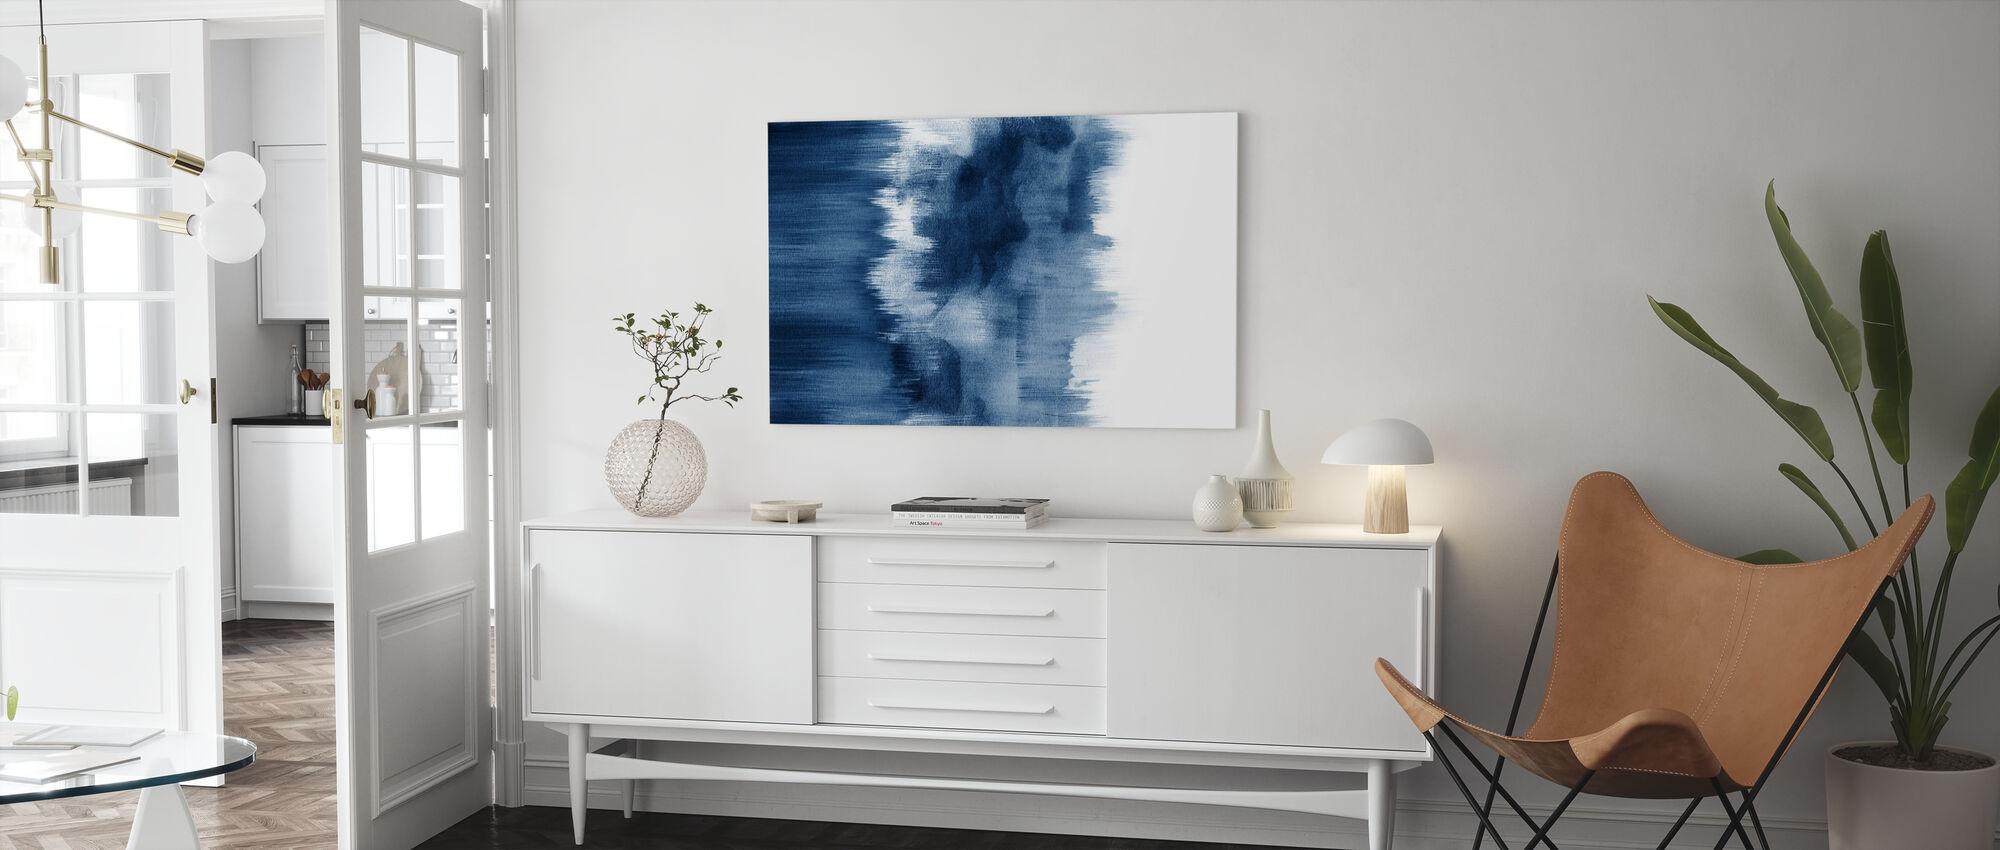 Akvarelli sivellin aivohalvauksia Indigo Sininen - Canvastaulu - Olohuone